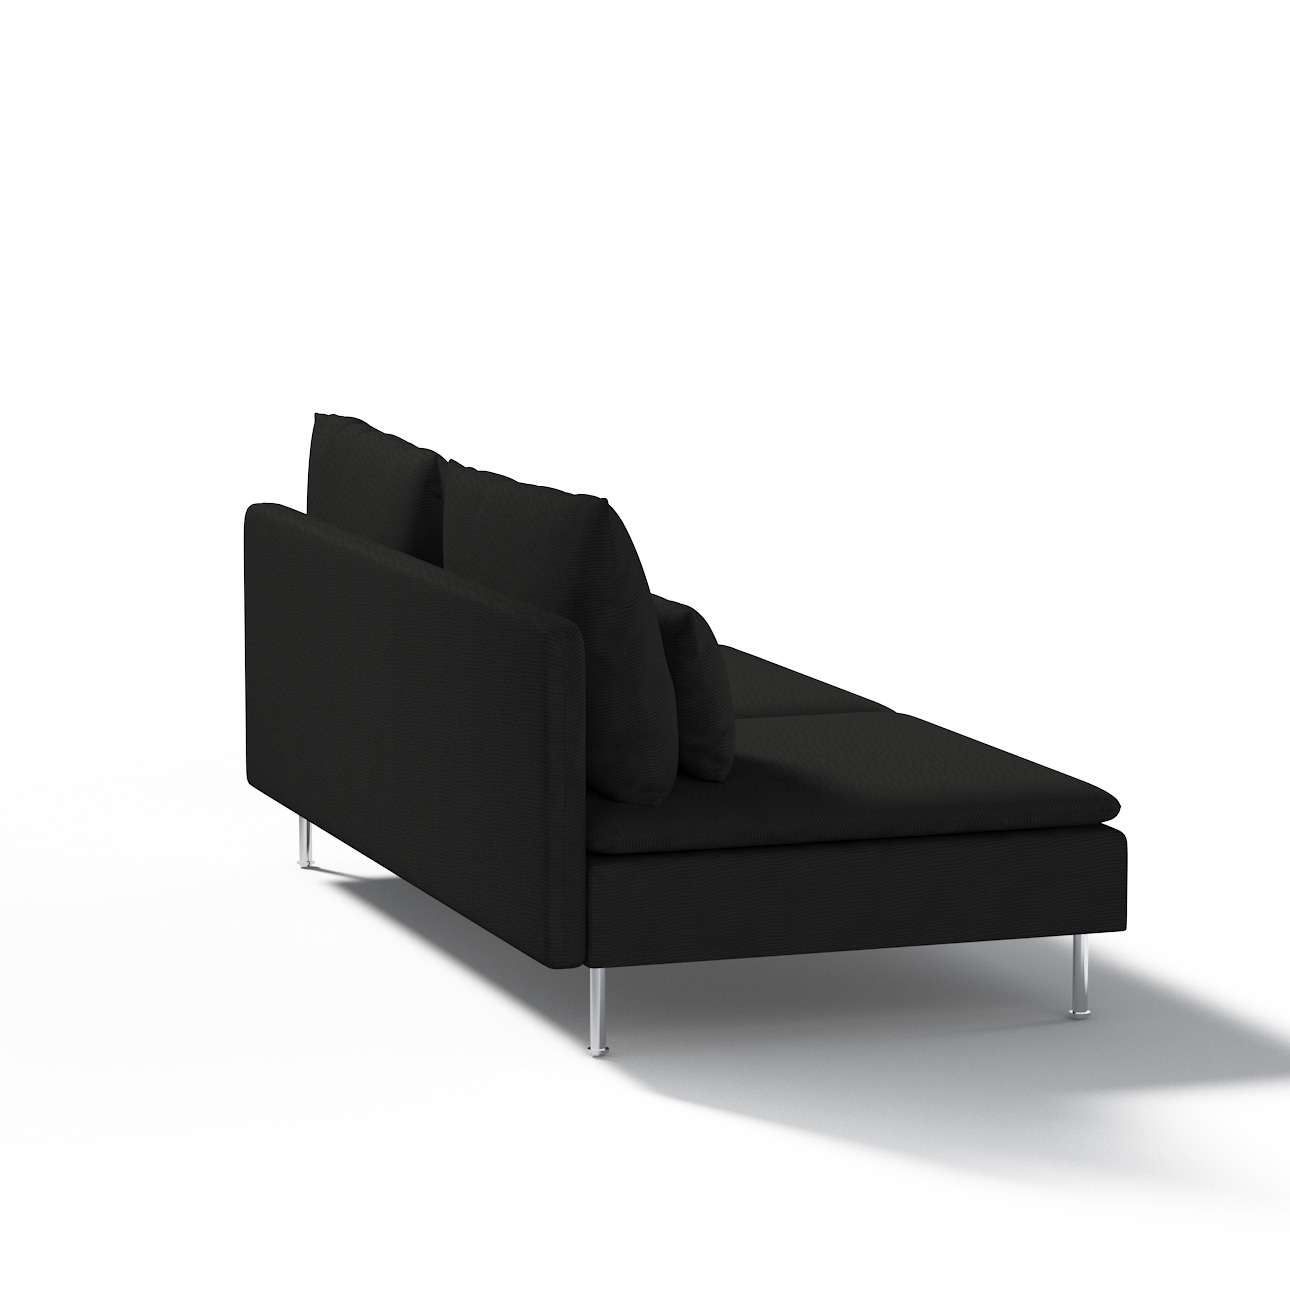 Söderhamn Bezug für Sitzelement 3 Sitzelement 3 von der Kollektion Etna, Stoff: 705-00